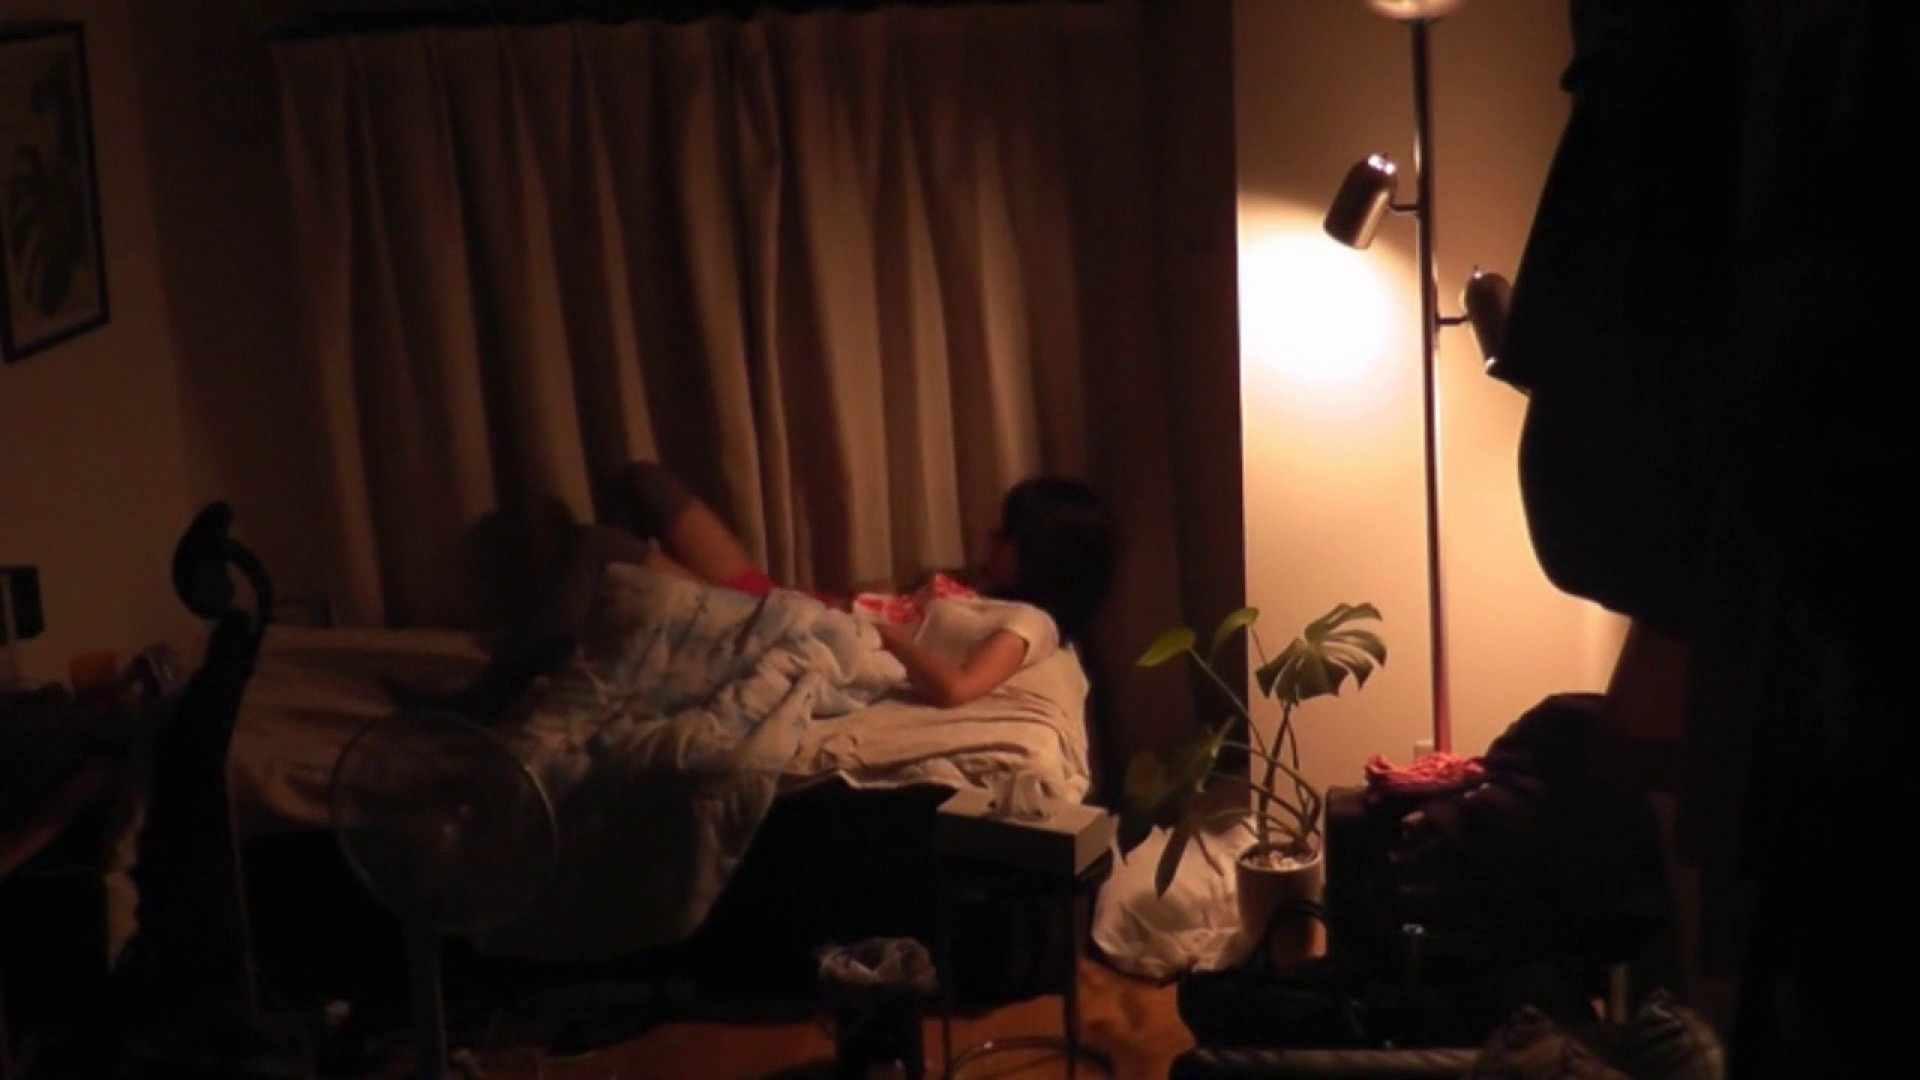 美女だらけのプライベートSEXvol.1 美女丸裸 オメコ動画キャプチャ 90pic 90